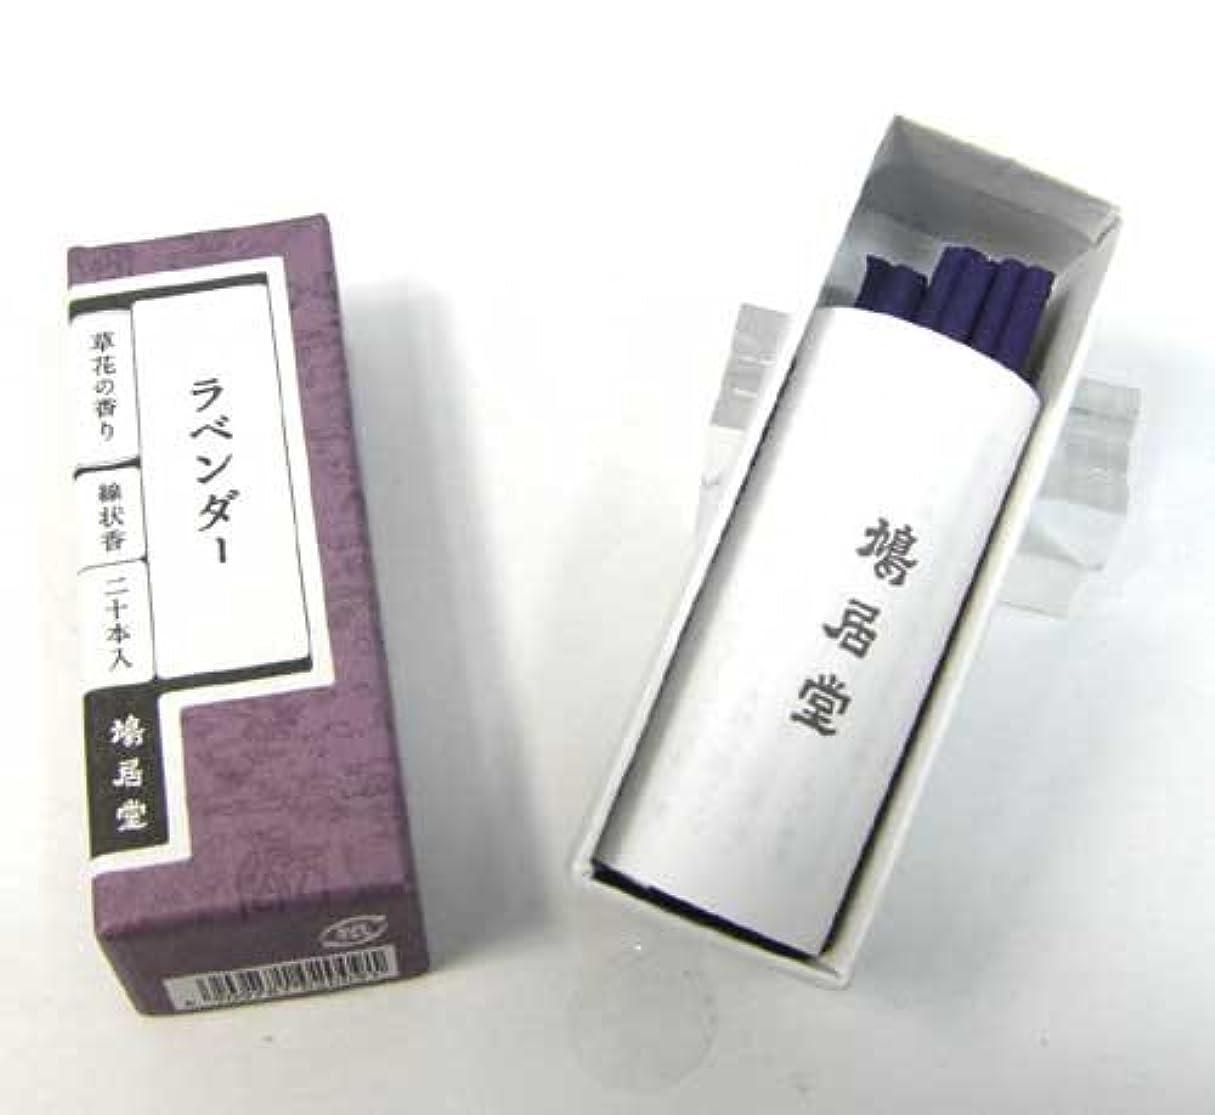 鋸歯状スケート君主鳩居堂 お香 ラベンダー 草花の香りシリーズ スティックタイプ(棒状香)20本いり